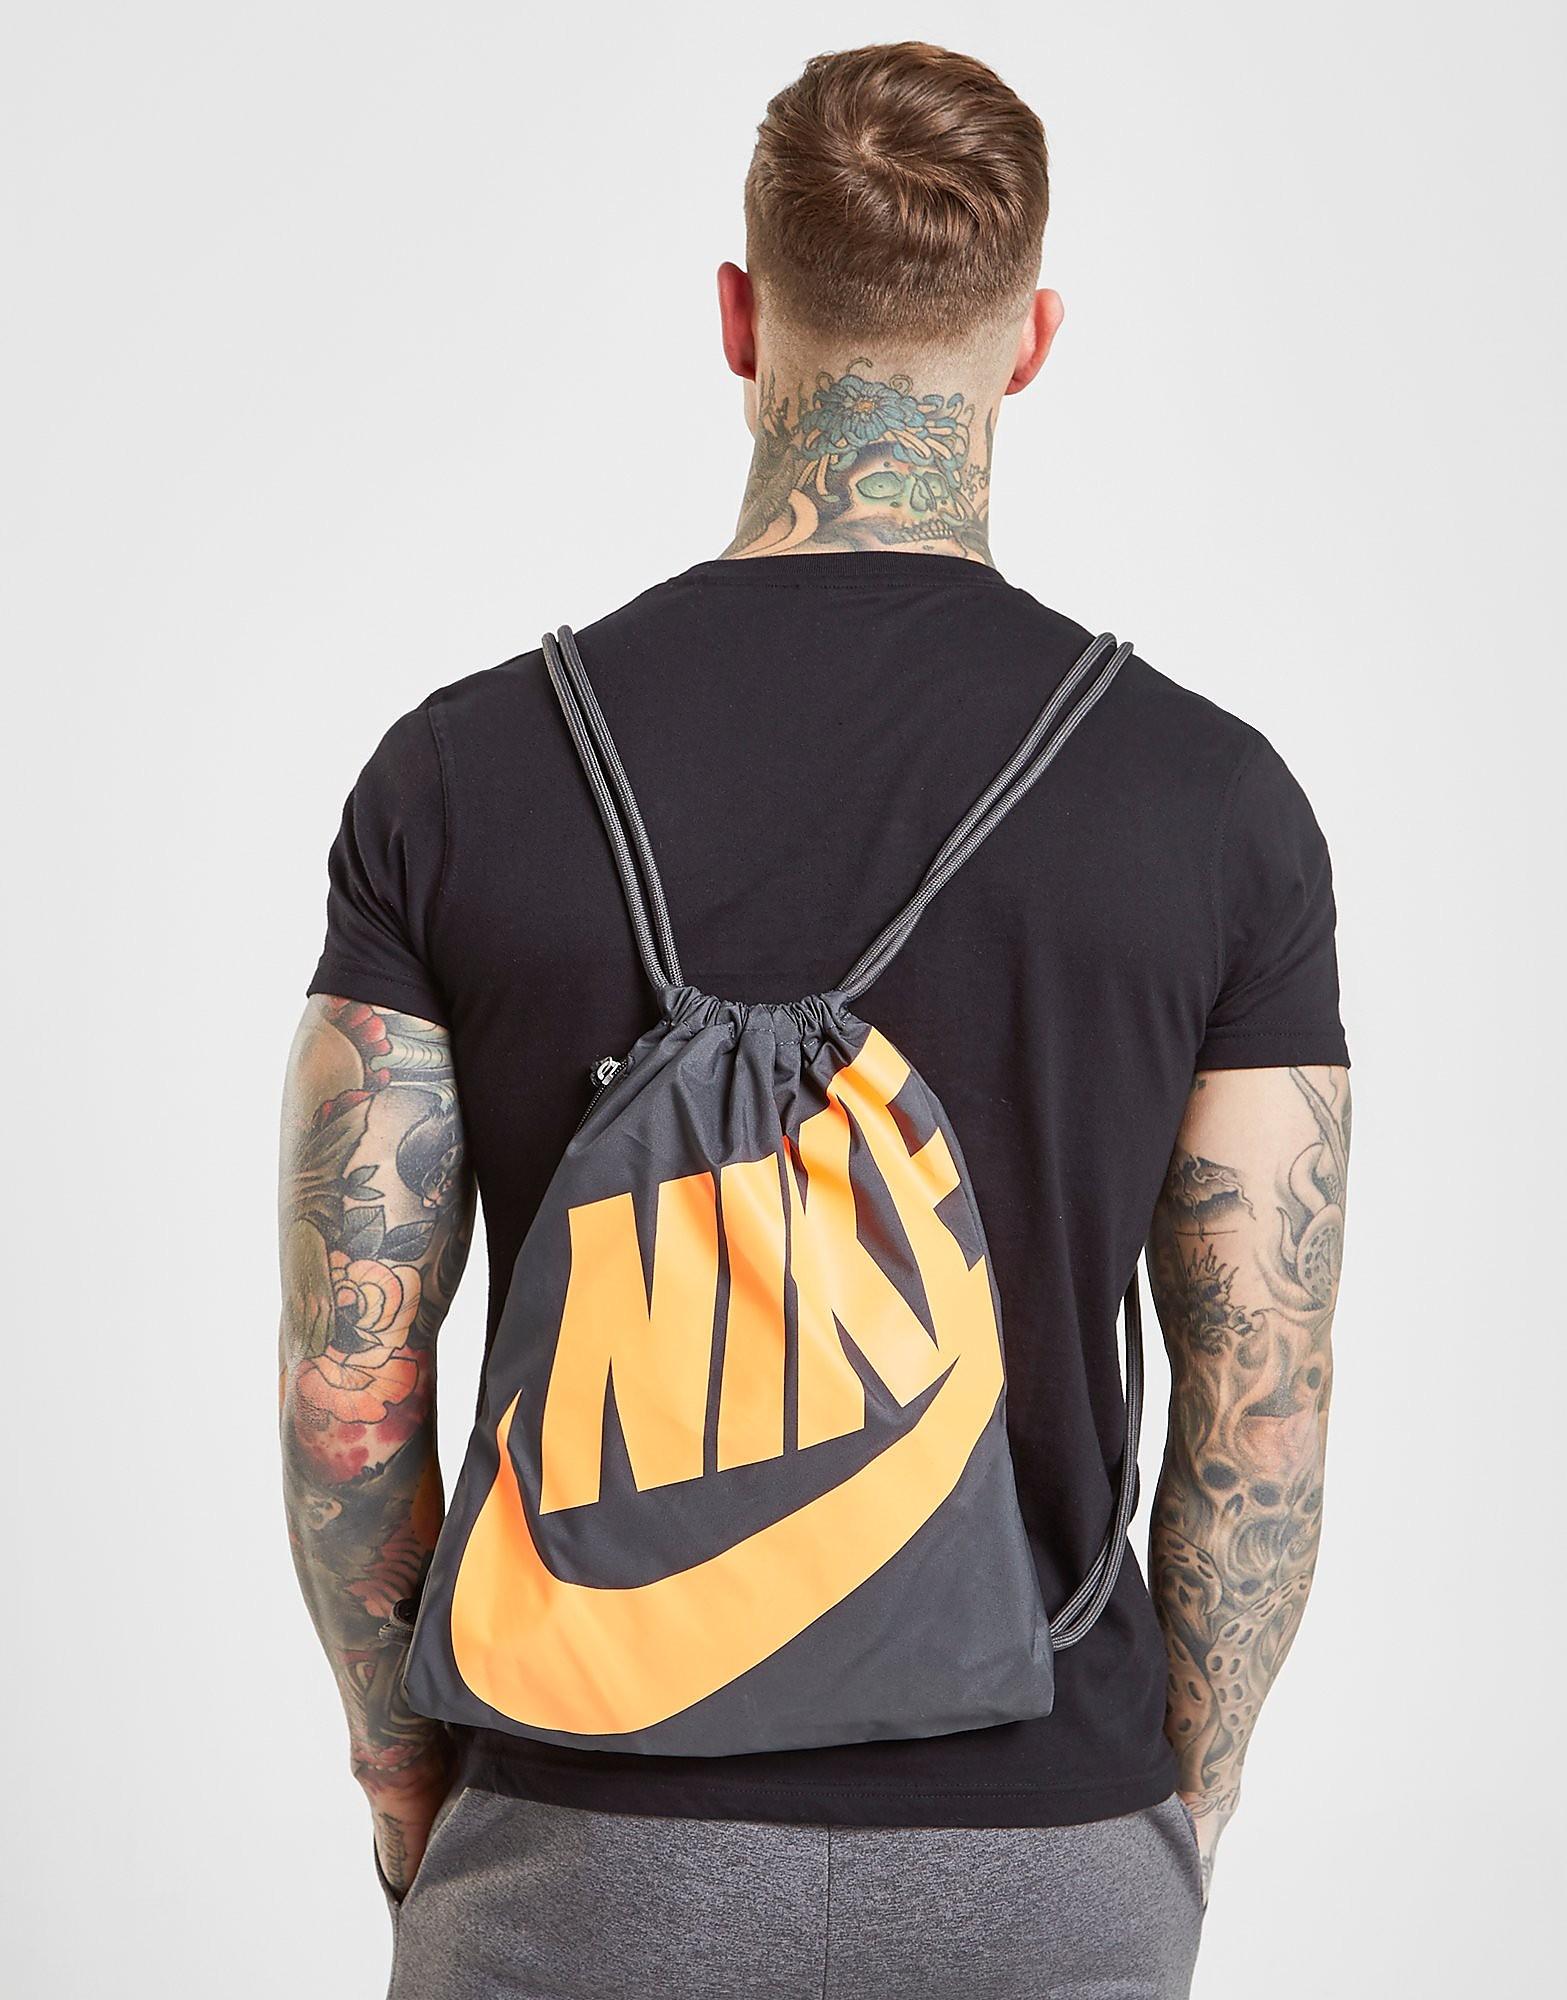 Nike sporttas oranje en zwart